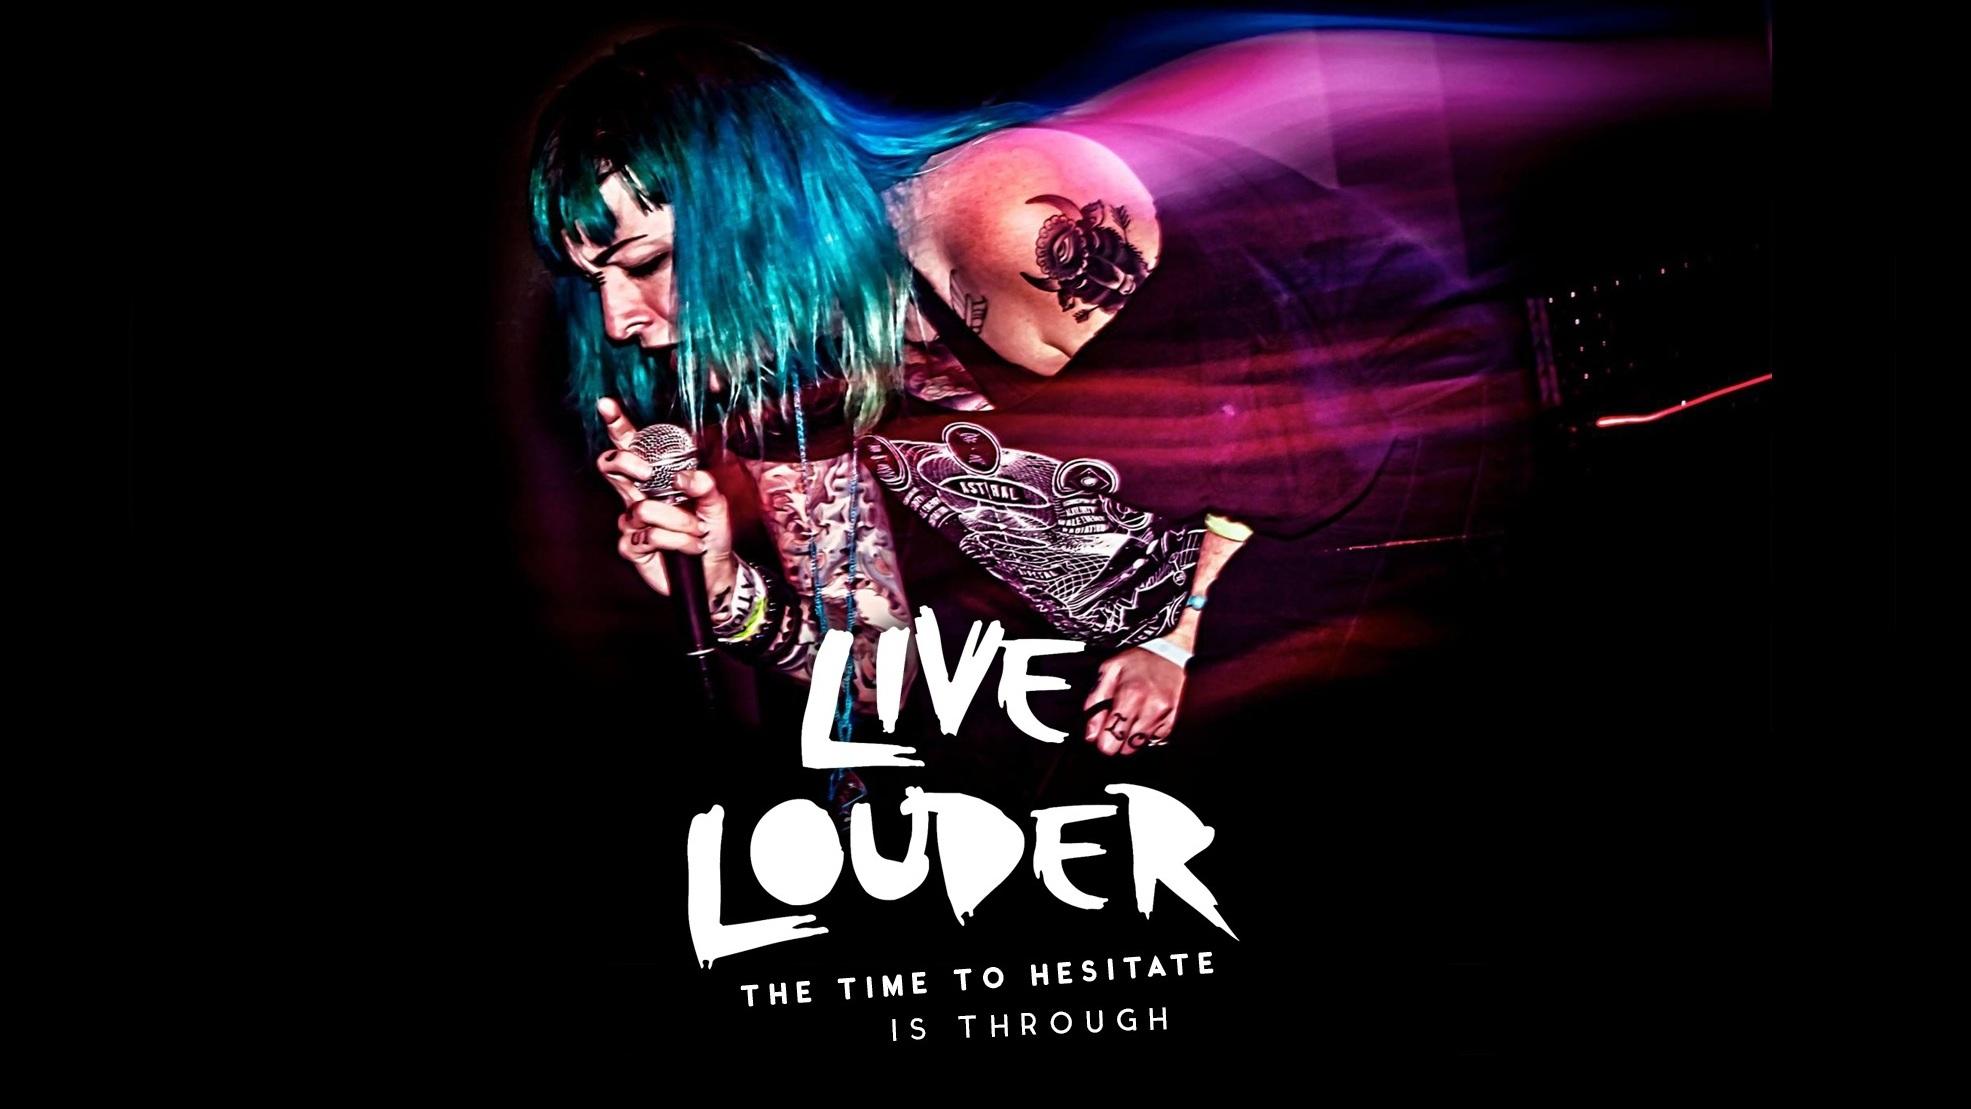 Live+Louder